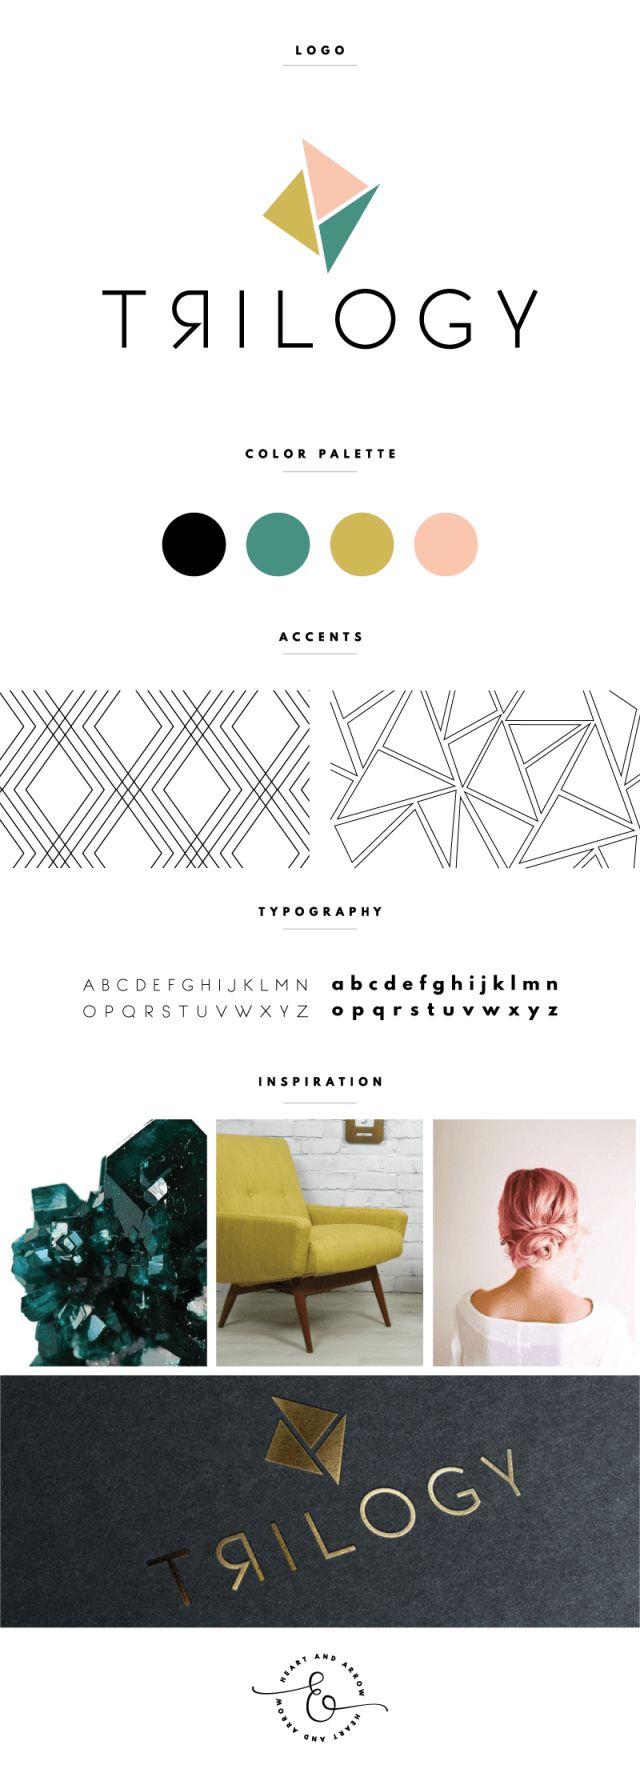 Geometric Logo Design Inspiration                                                                                                                                                      More